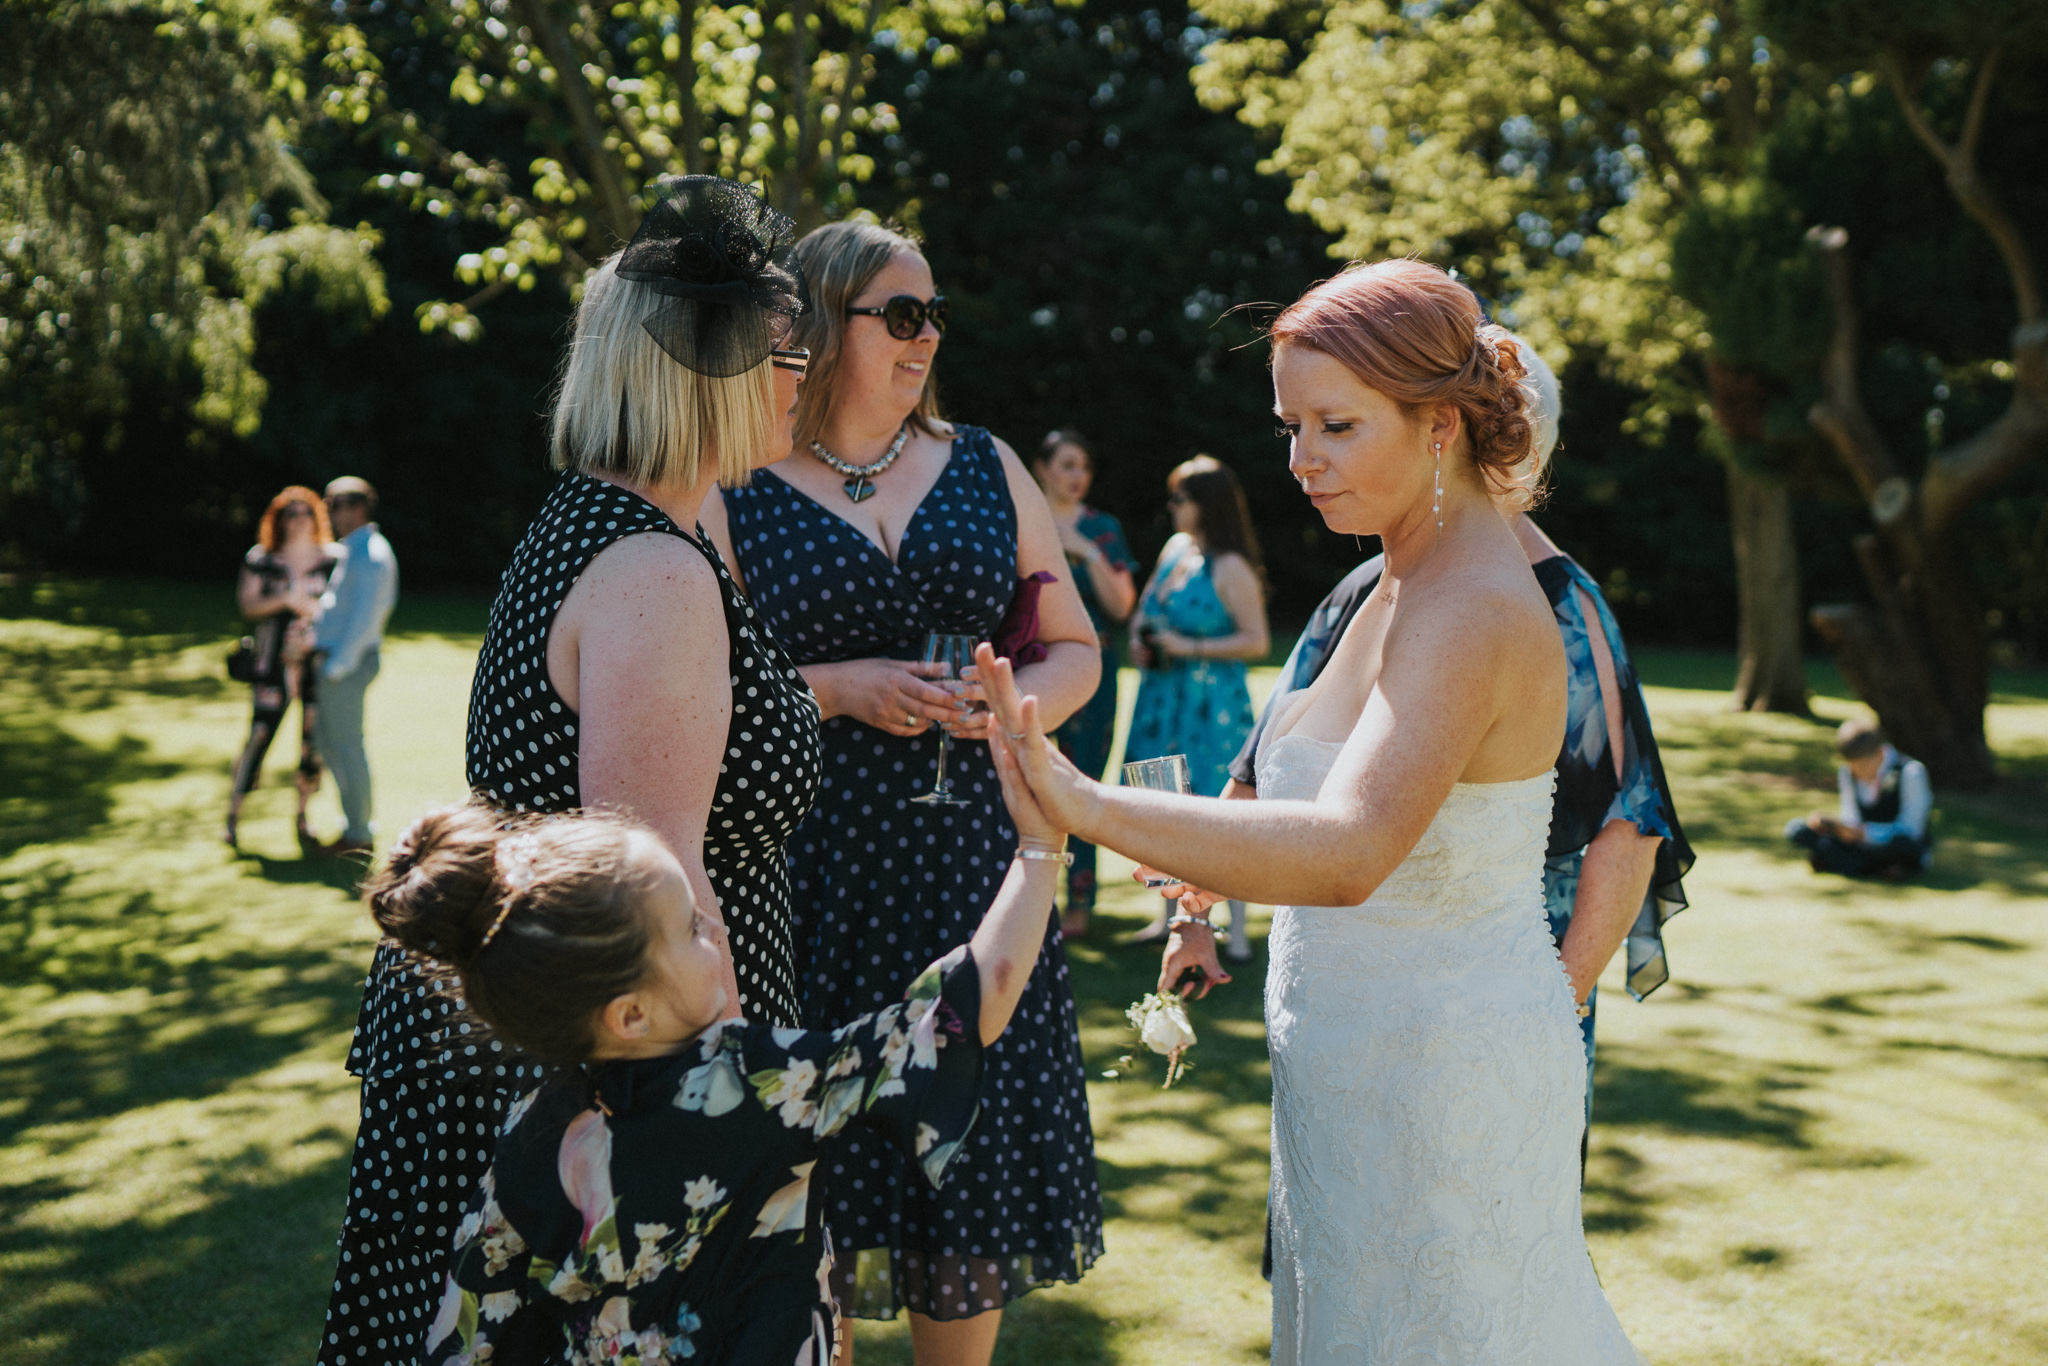 steph-neil-red-brick-barn-rochford-wedding-grace-elizabeth-colchester-essex-alternative-wedding-photographer-essex-suffolk-norfolk-devon (30 of 43).jpg